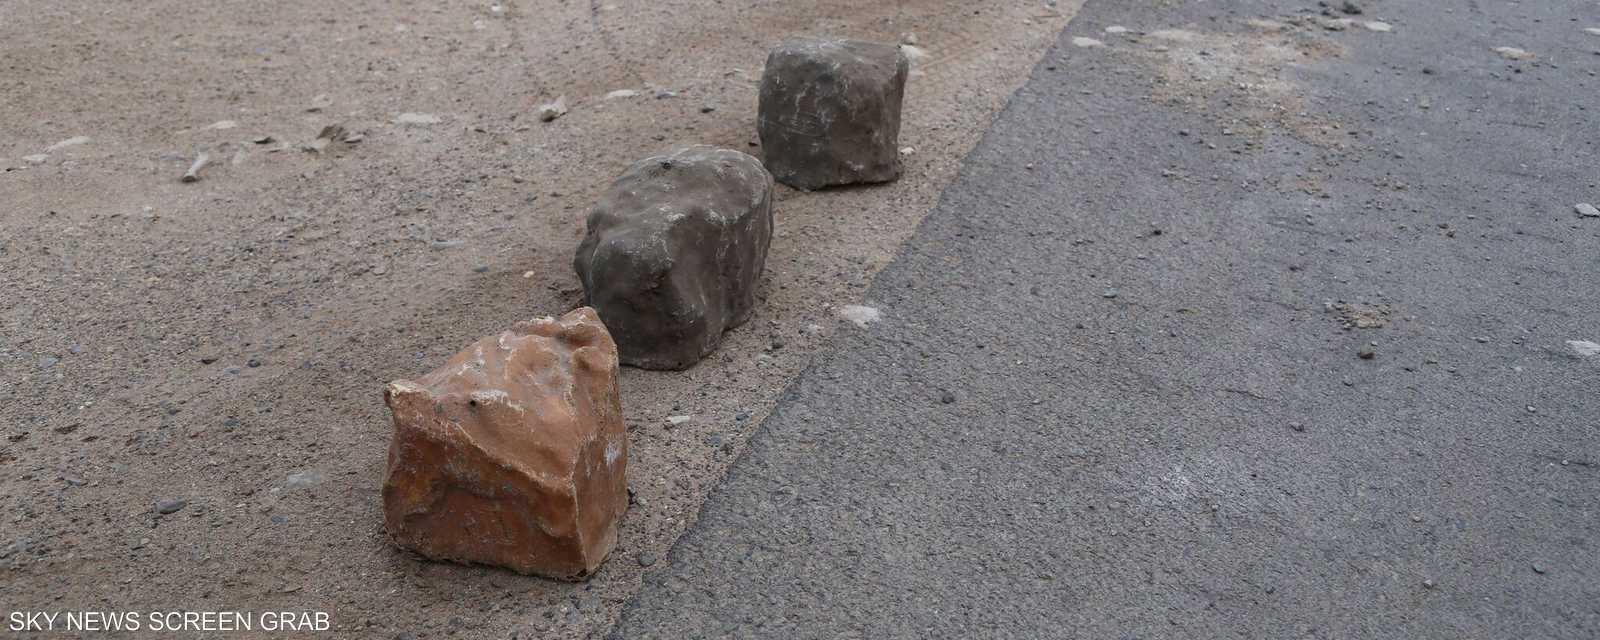 القنابل تشبه الصخور ويصعب تمييزها